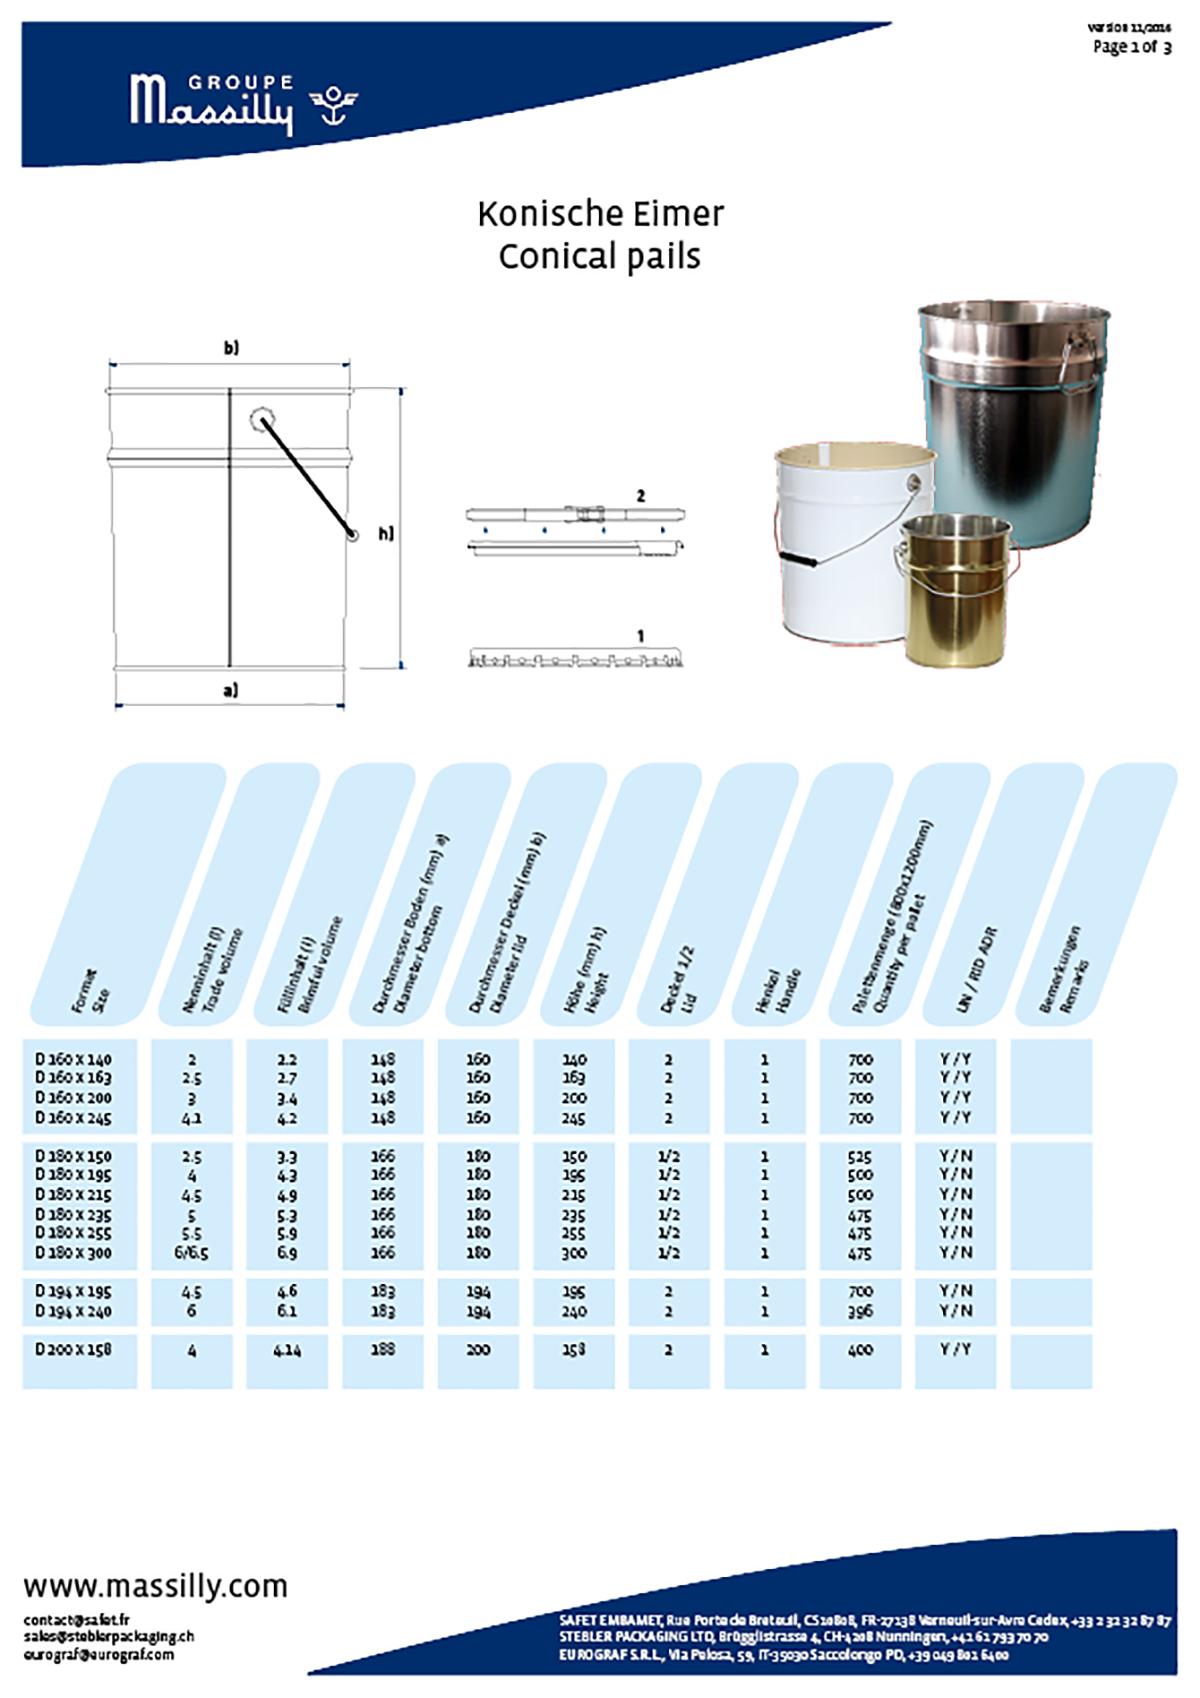 Konische_Eimer_datenblatt-stebler-packaging-ag-112016-1